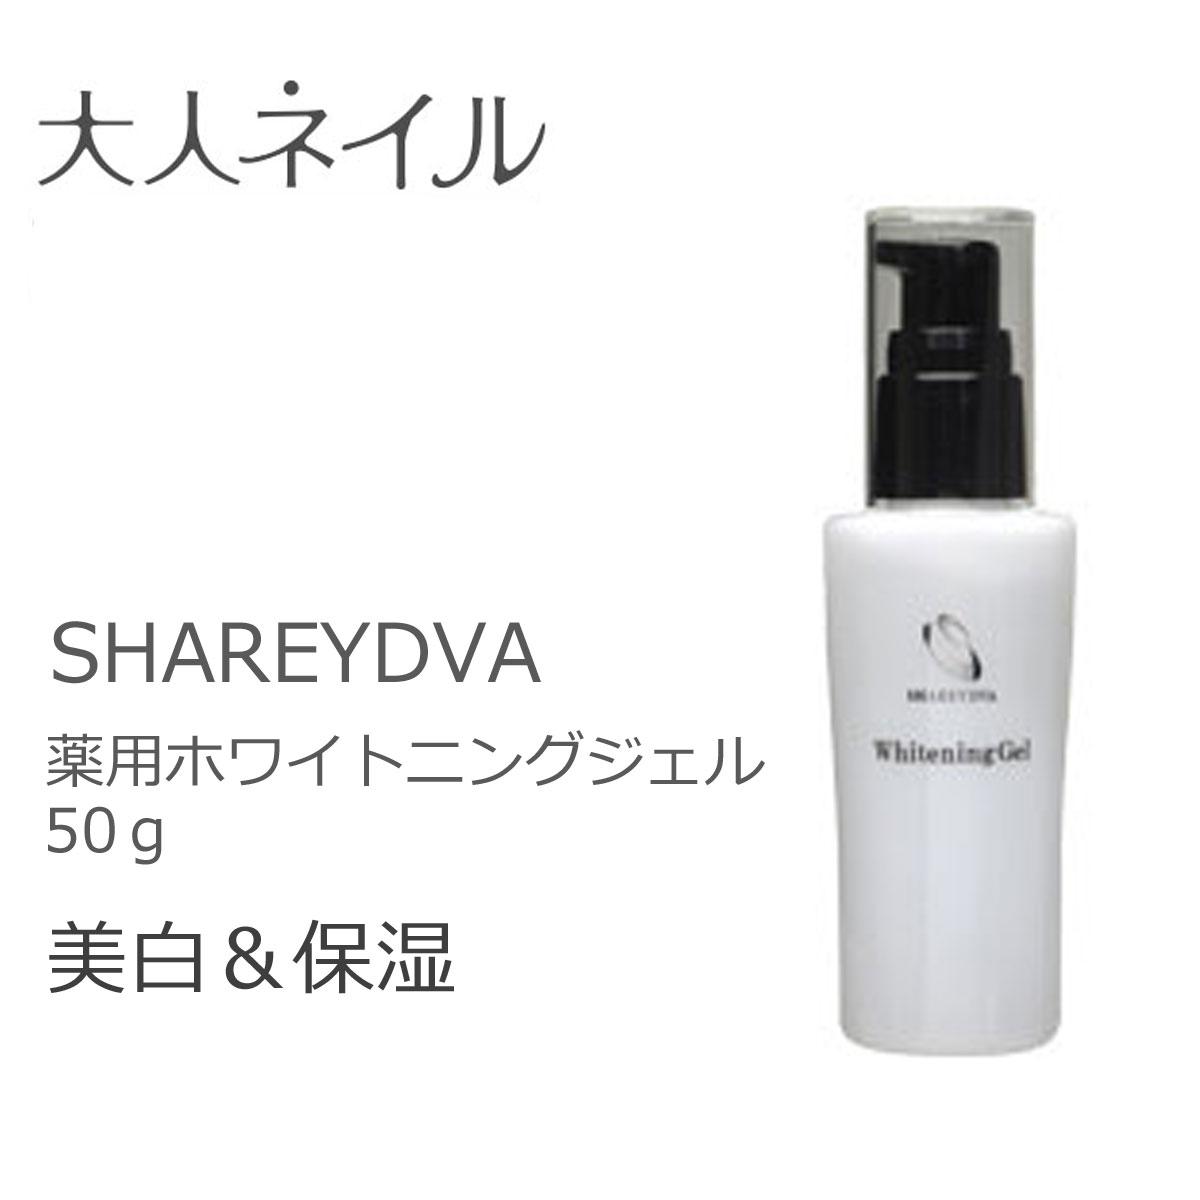 SHAREYDVA ホワイトニングジェル50g